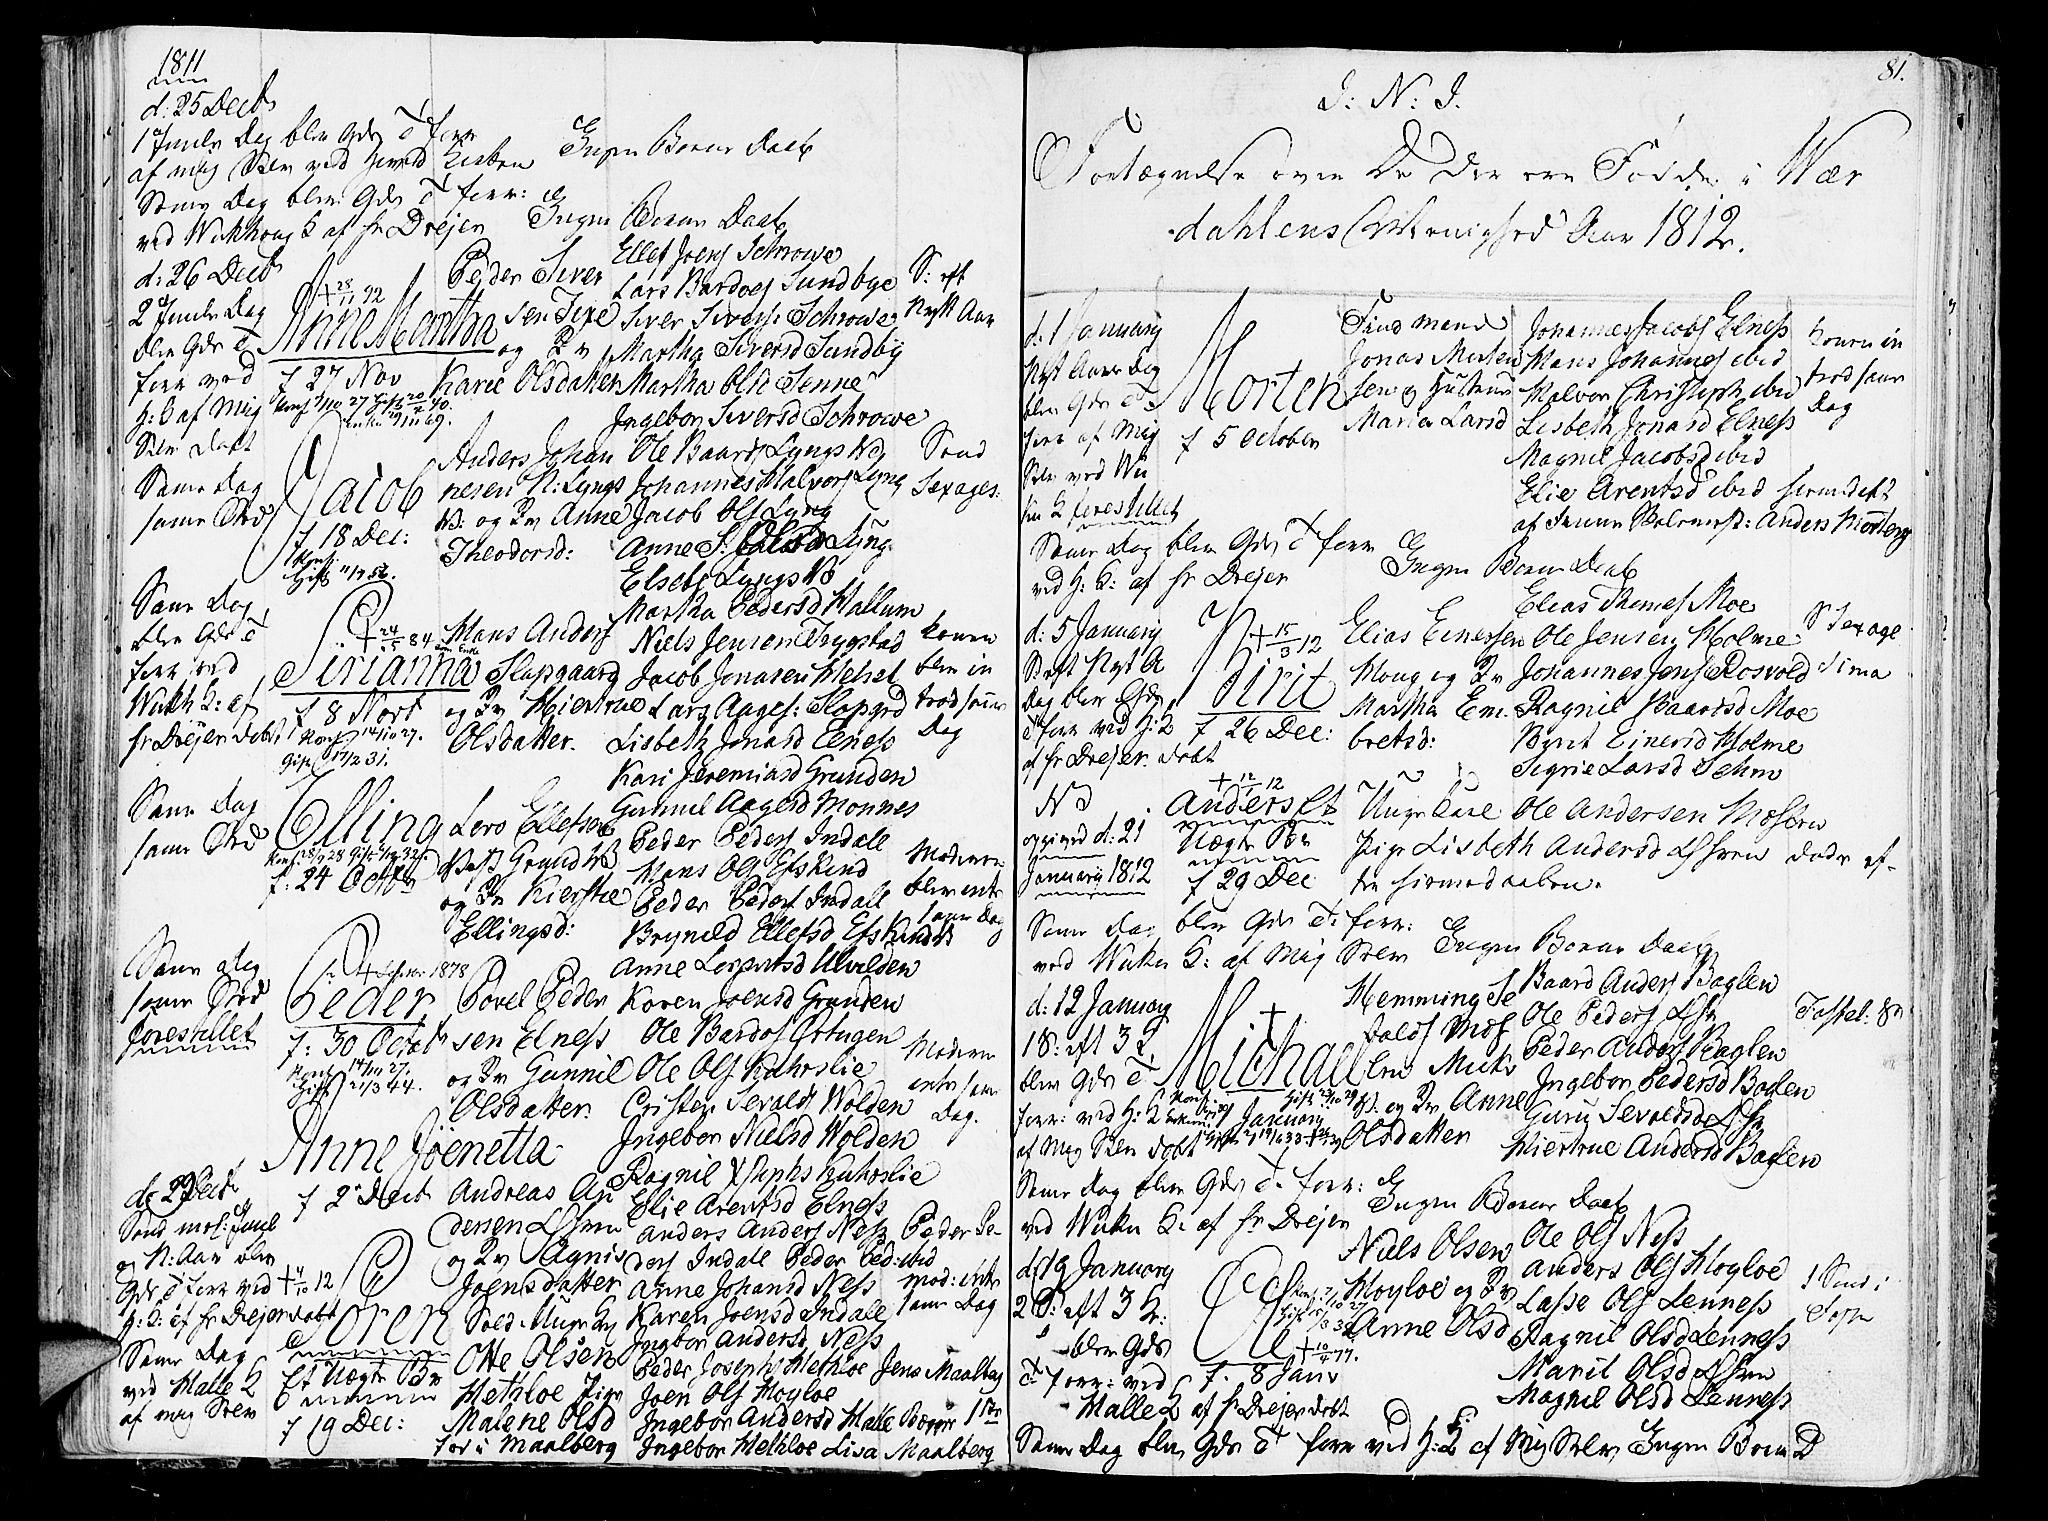 SAT, Ministerialprotokoller, klokkerbøker og fødselsregistre - Nord-Trøndelag, 723/L0233: Ministerialbok nr. 723A04, 1805-1816, s. 81